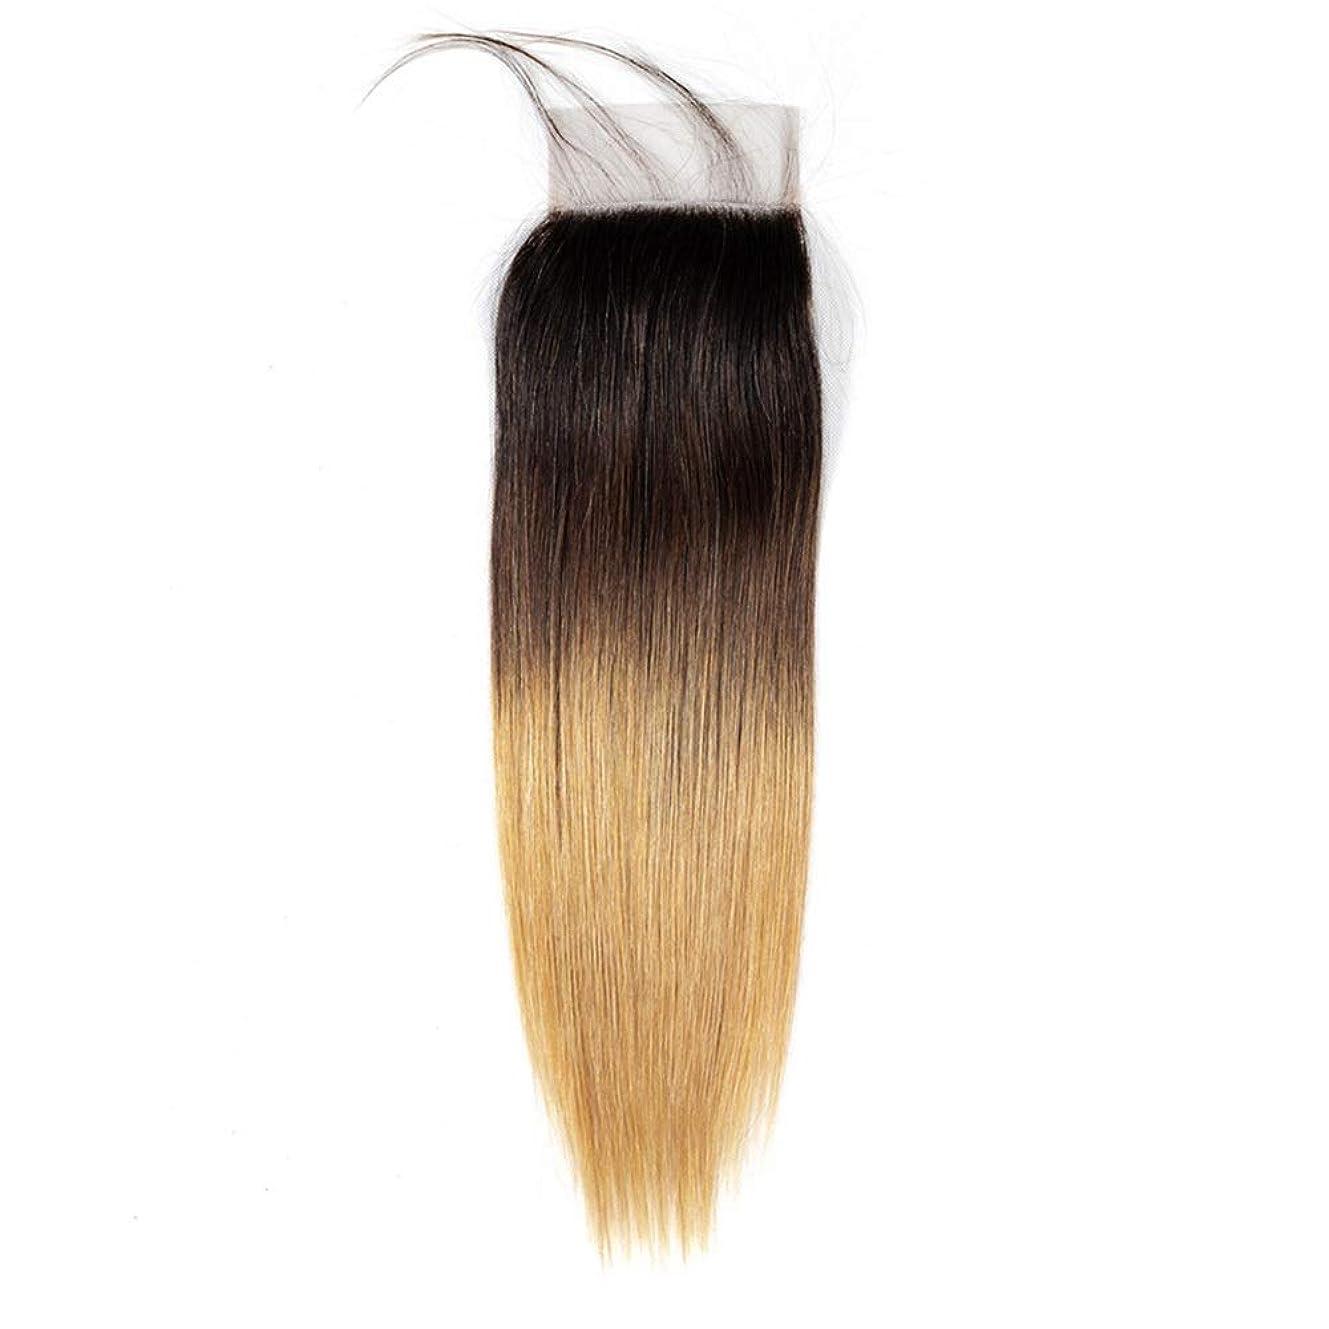 ヘアミント遠近法Vergeania オンブル人間の髪の毛のない部分4 x 4耳と耳のレース前頭閉鎖1B / 4/27 3トーンカラーブラウンウィッグウィッグ (色 : ブラウン, サイズ : 16 inch)